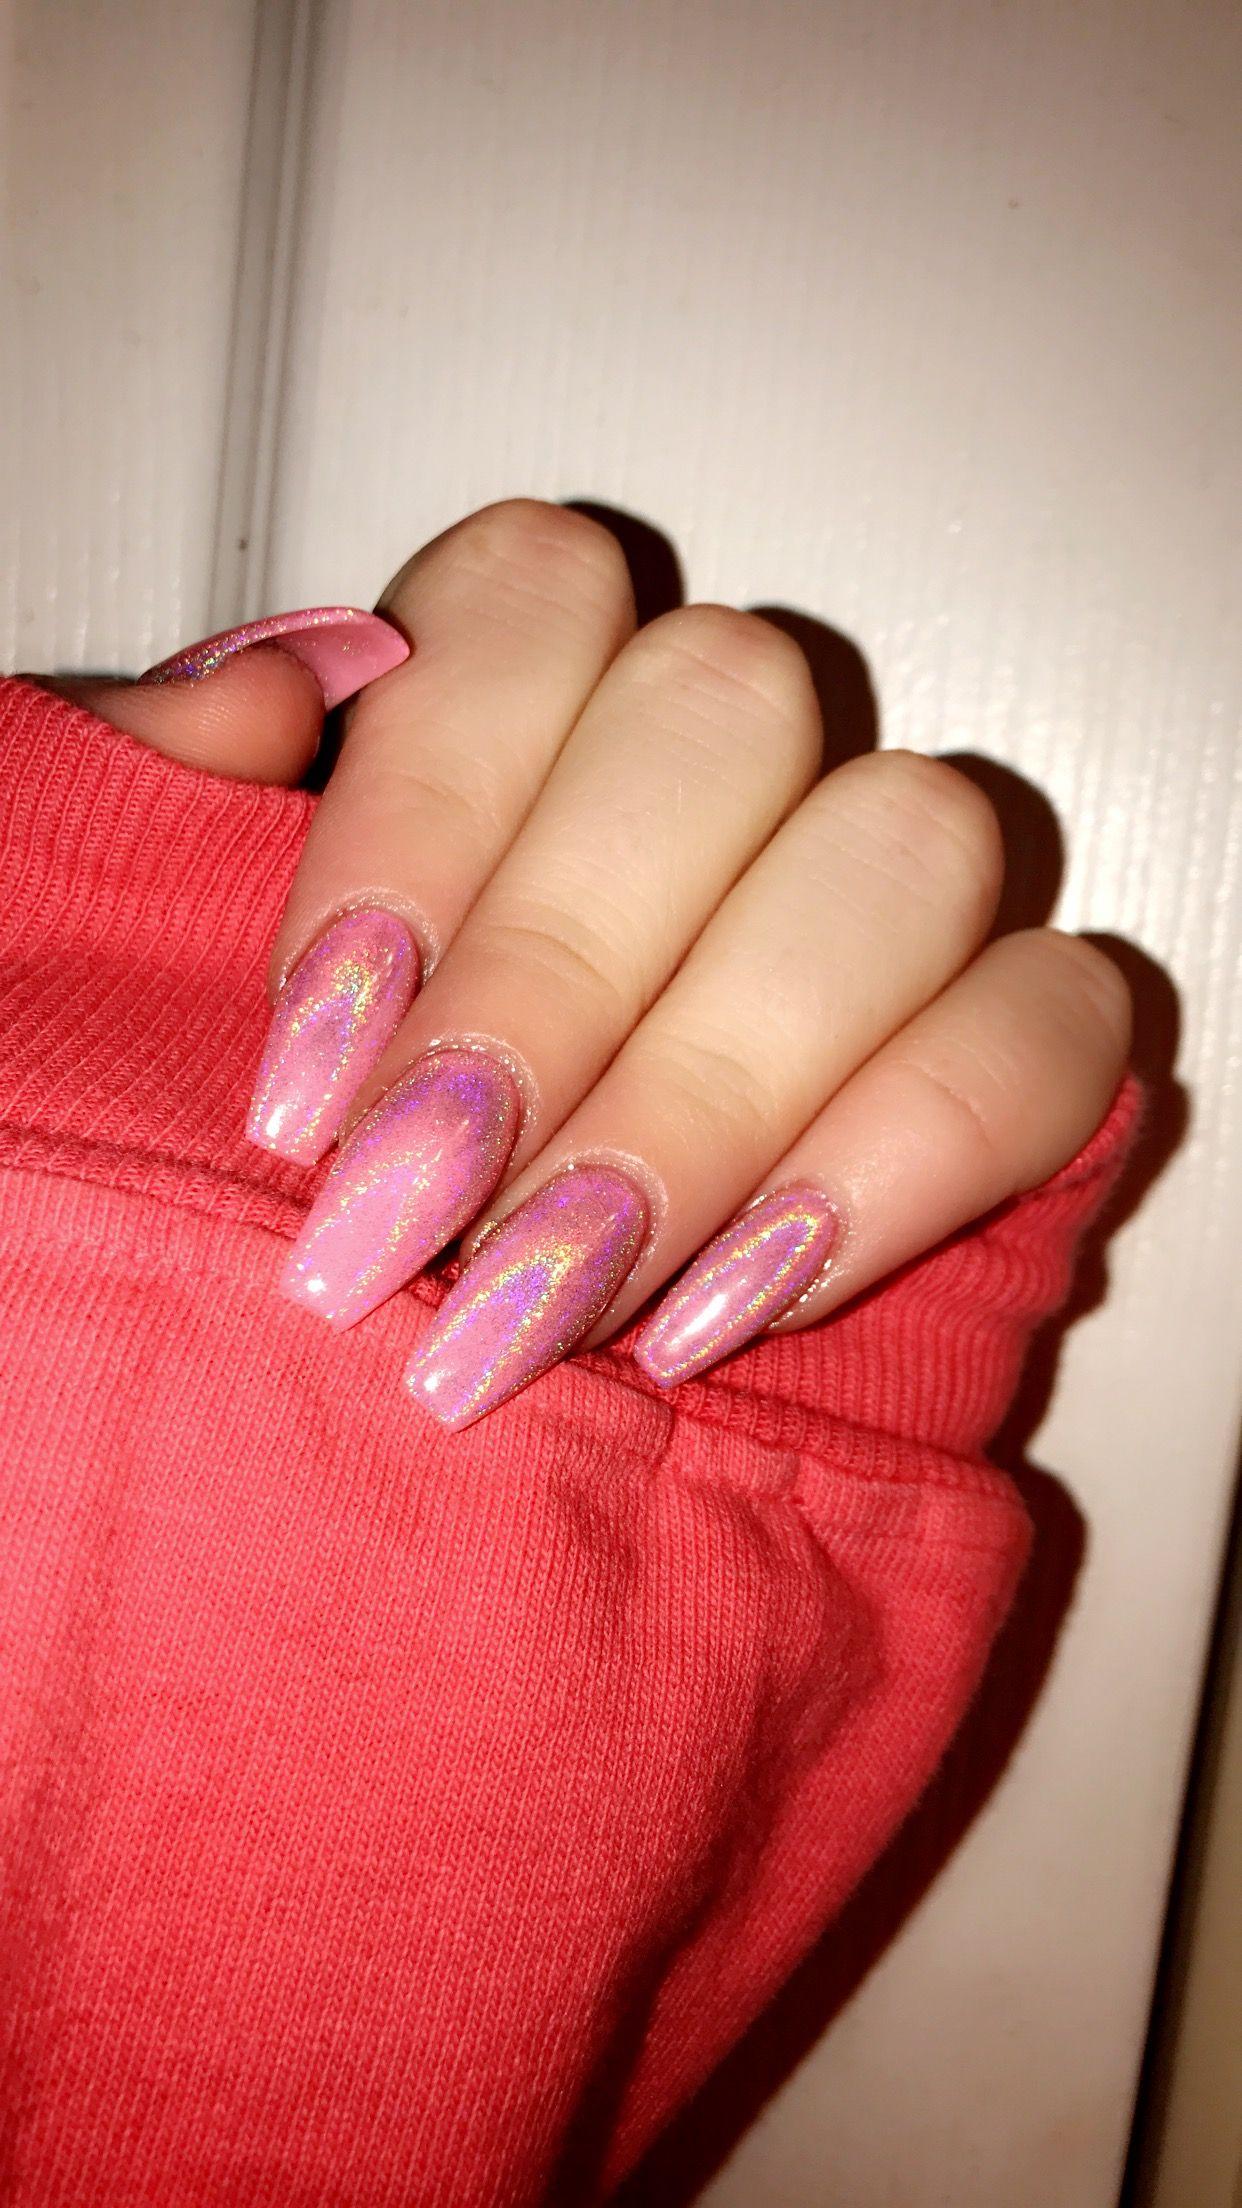 Pink Acrylic Nails Long Acrylic Nails Chrome Acrylic Nails Light Pink Chrome Acrylic N Pink Acrylic Nails Pink Holographic Nails Light Pink Acrylic Nails